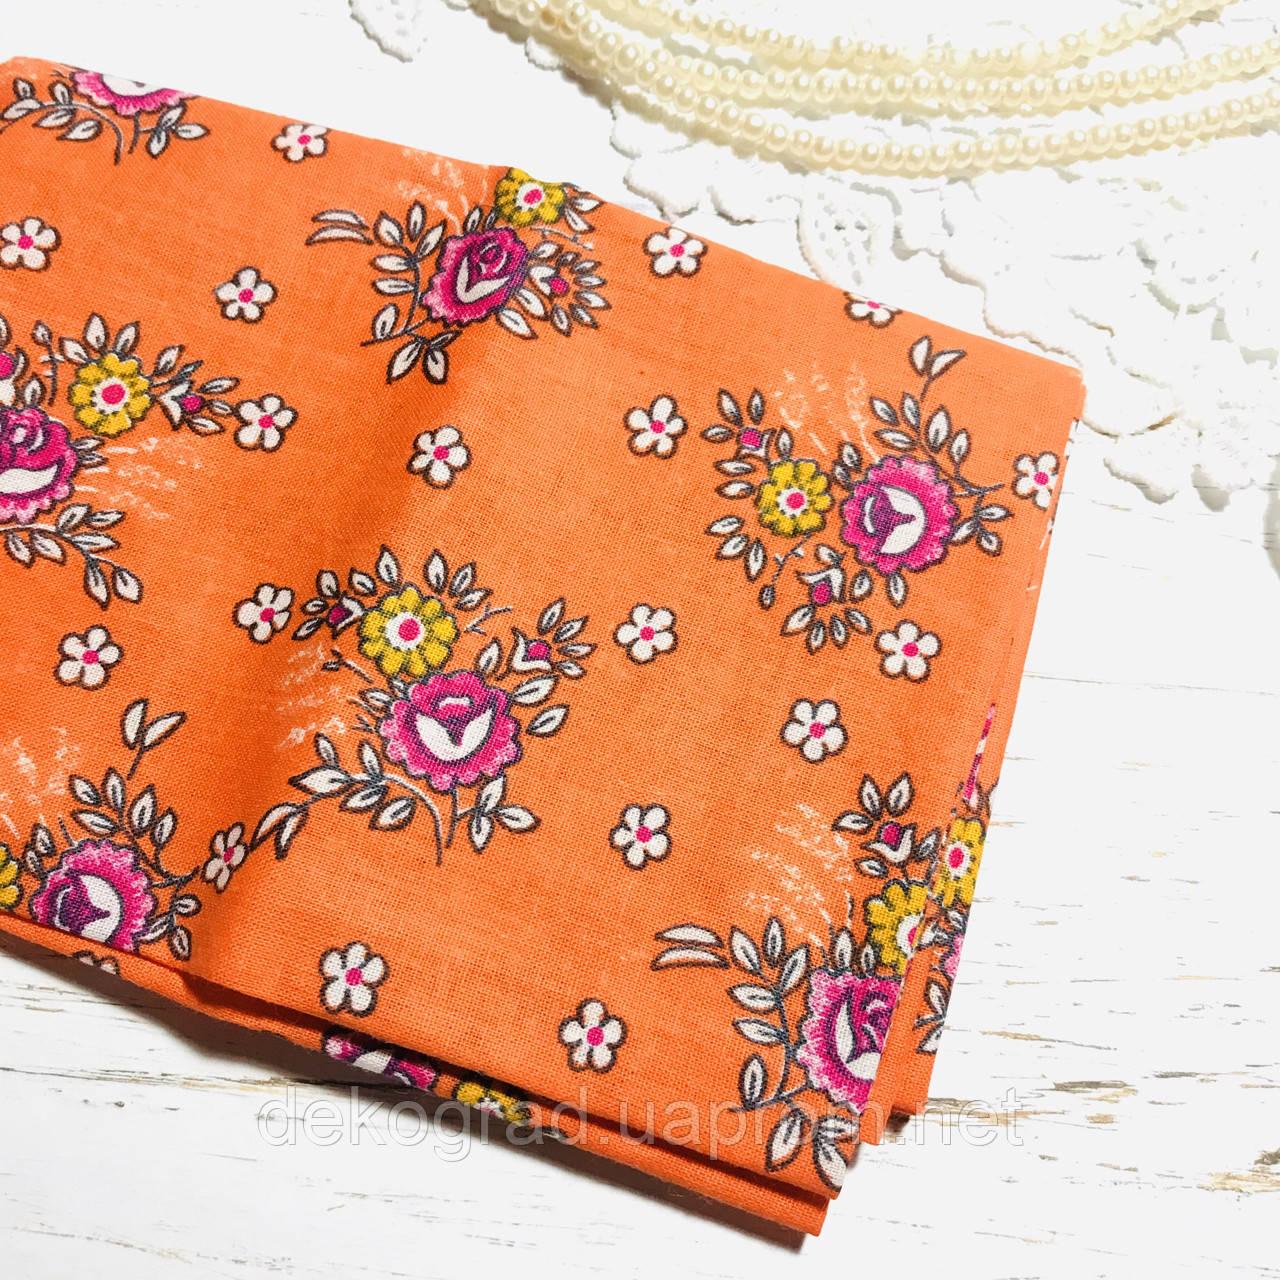 Ткань хлопок  45х55 см Цветы на оранжевом